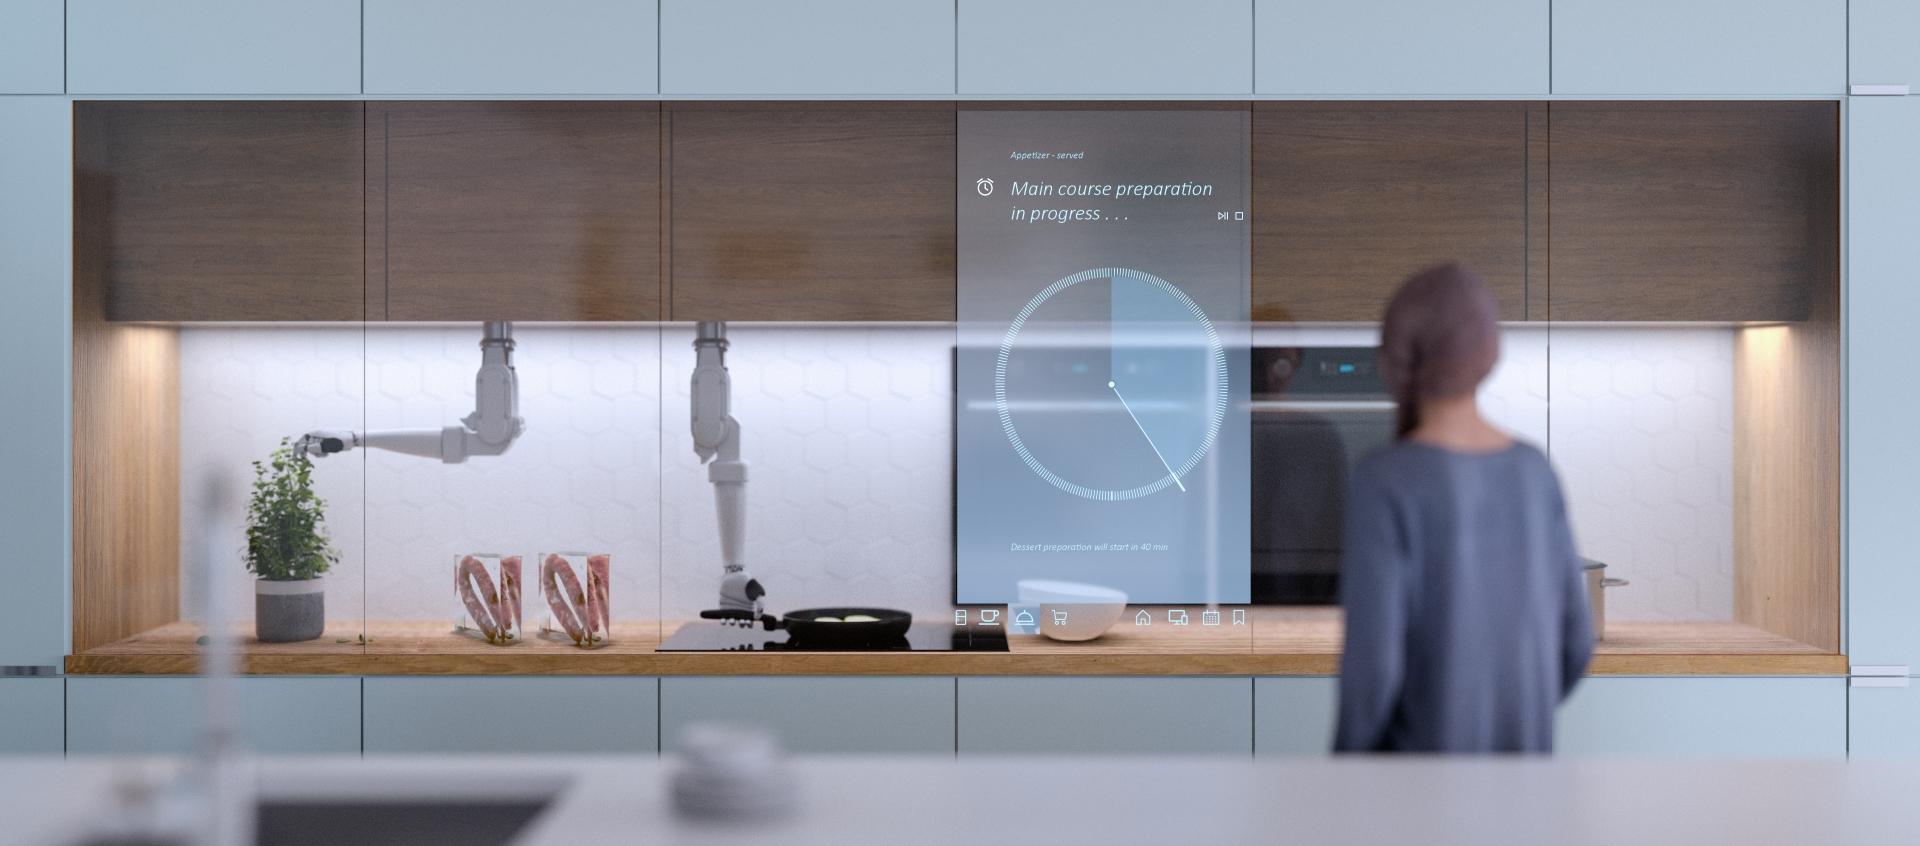 Eine Küche aus der Zukunft mit Roboterarmen und Wurstartefakten auf der Theke